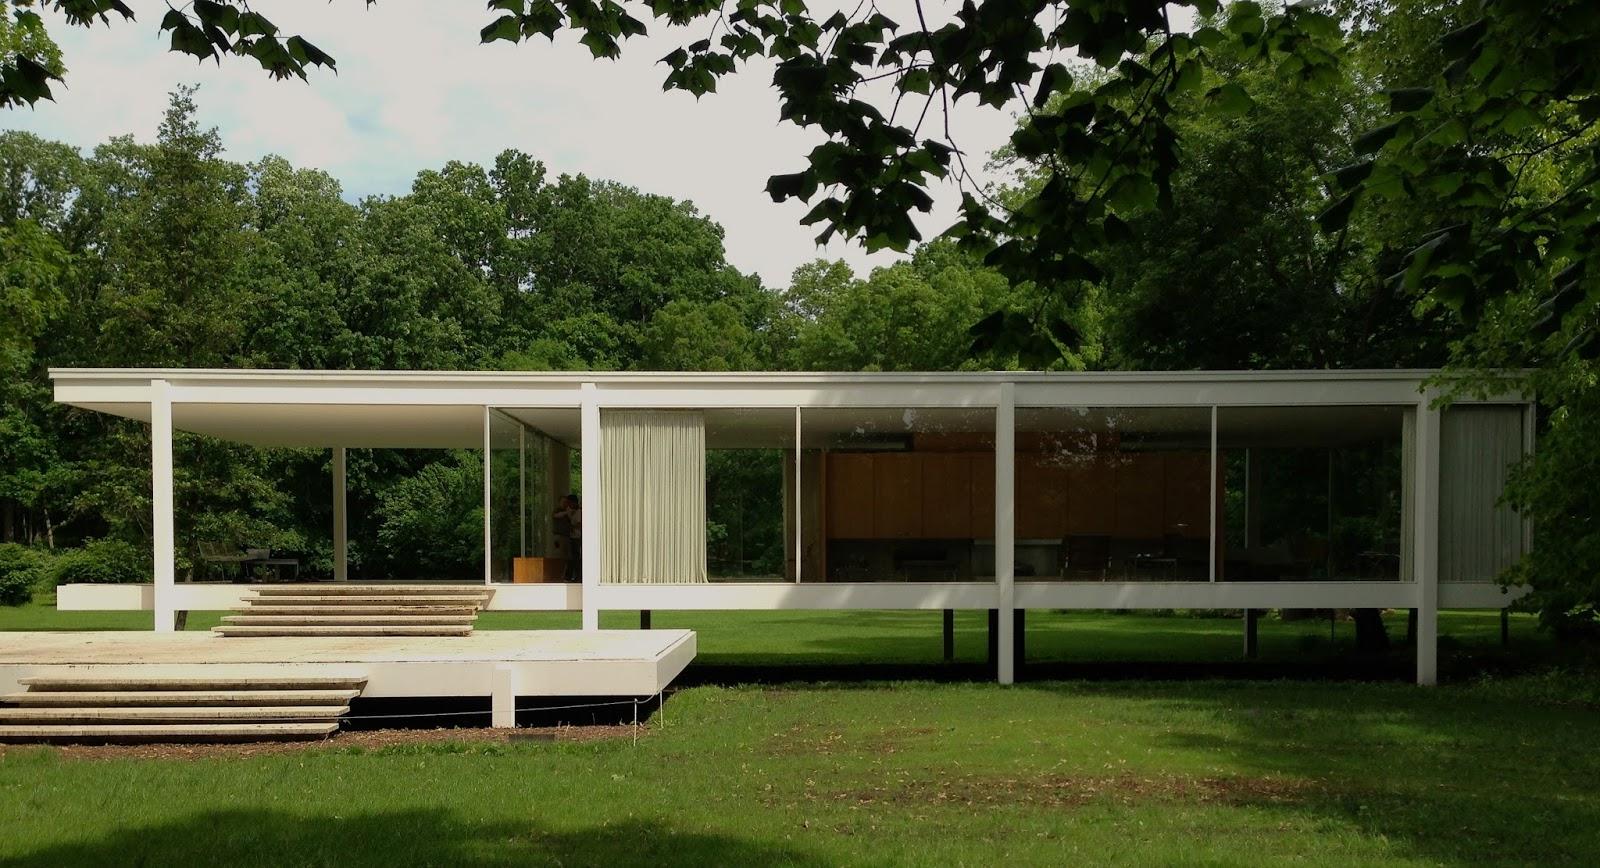 Casa farnsworth 1950 mies van der rohe for Casa minimalista de mies van der rohe